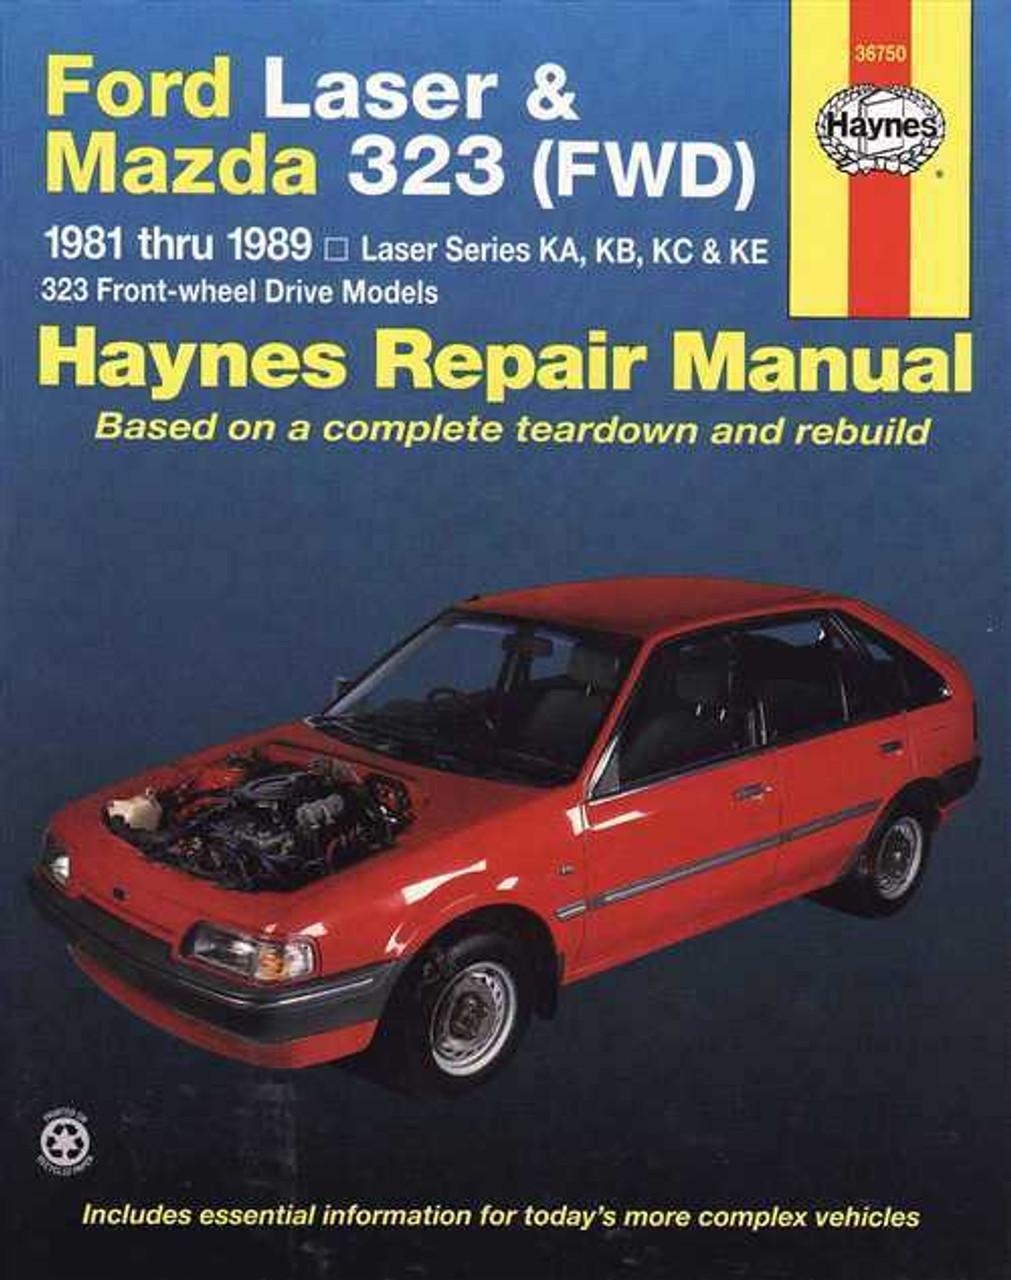 mazda 323 maintenance manual sample user manual u2022 rh dobrev co mazda 323f ba workshop manual mazda 323f bj service manual